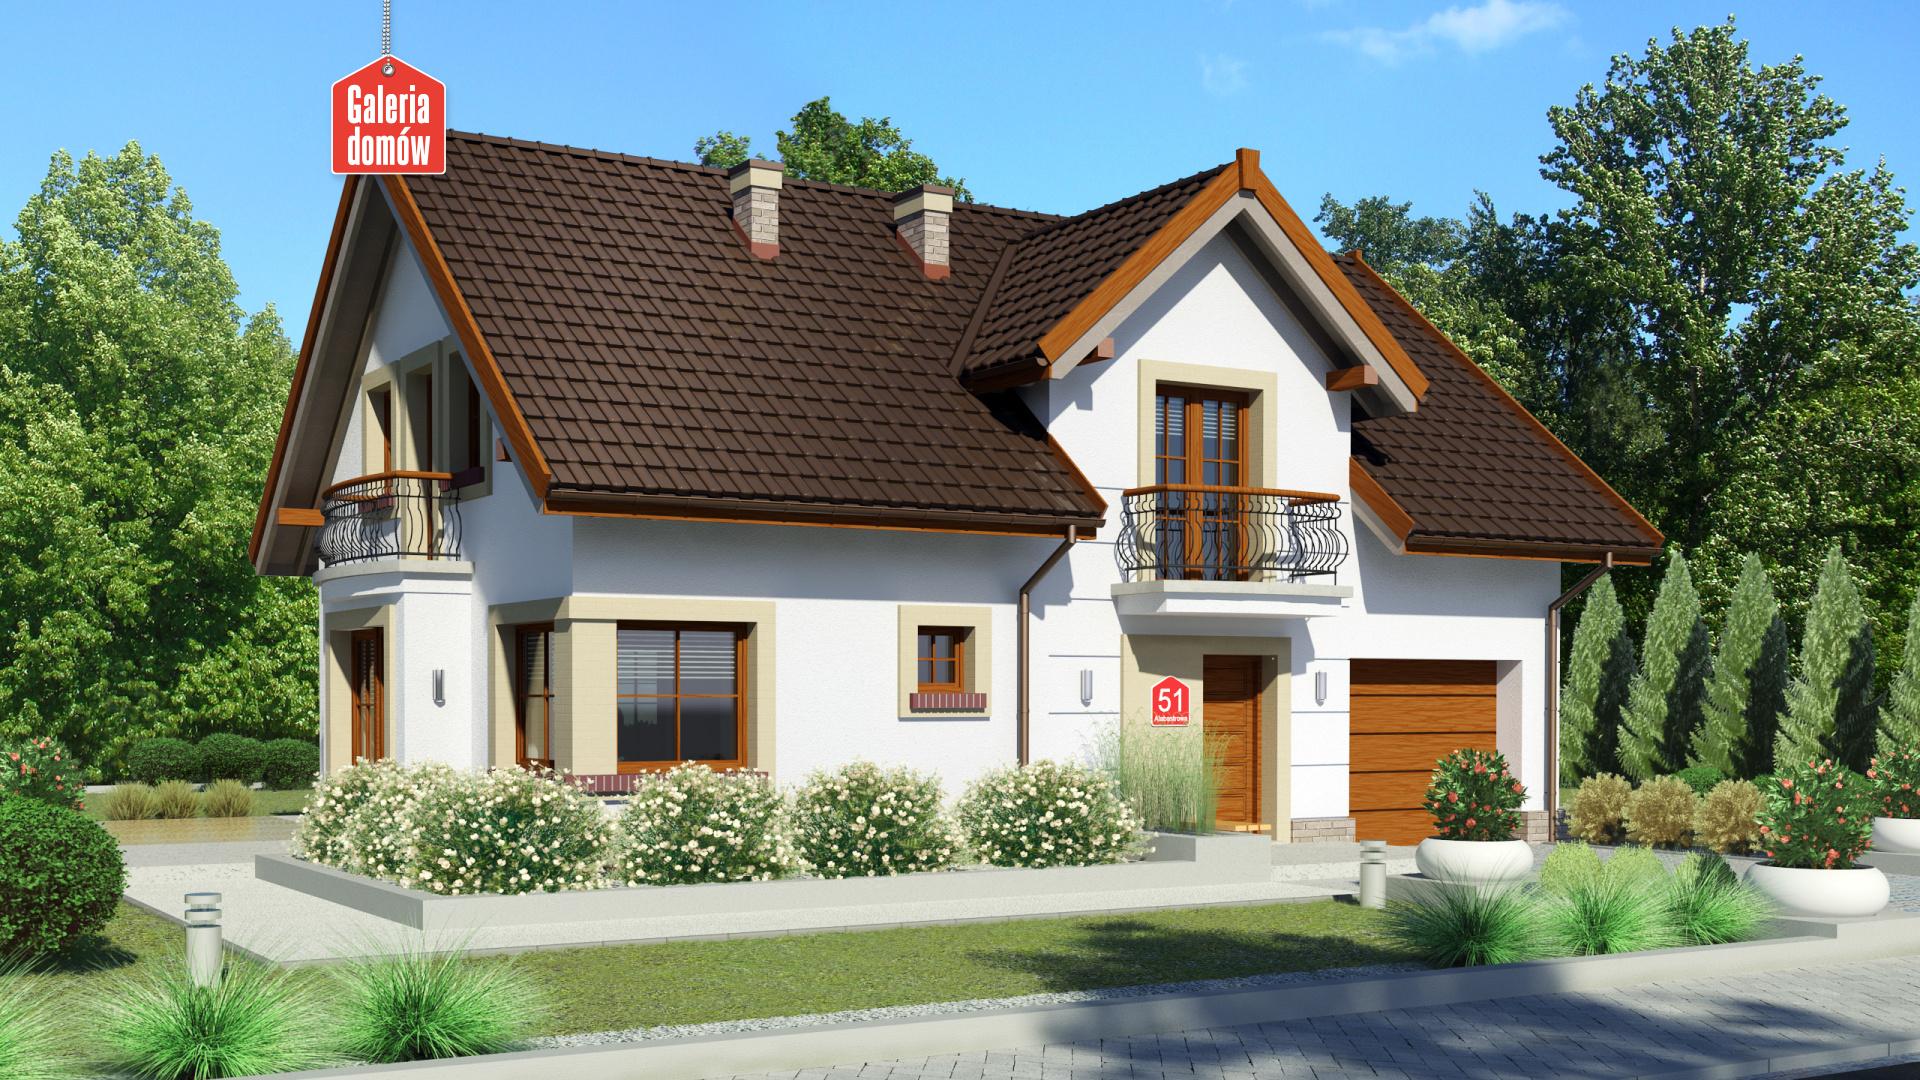 Zdjęcie projektu i wizualizacja: projekt domu Dom przy Alabastrowej 51